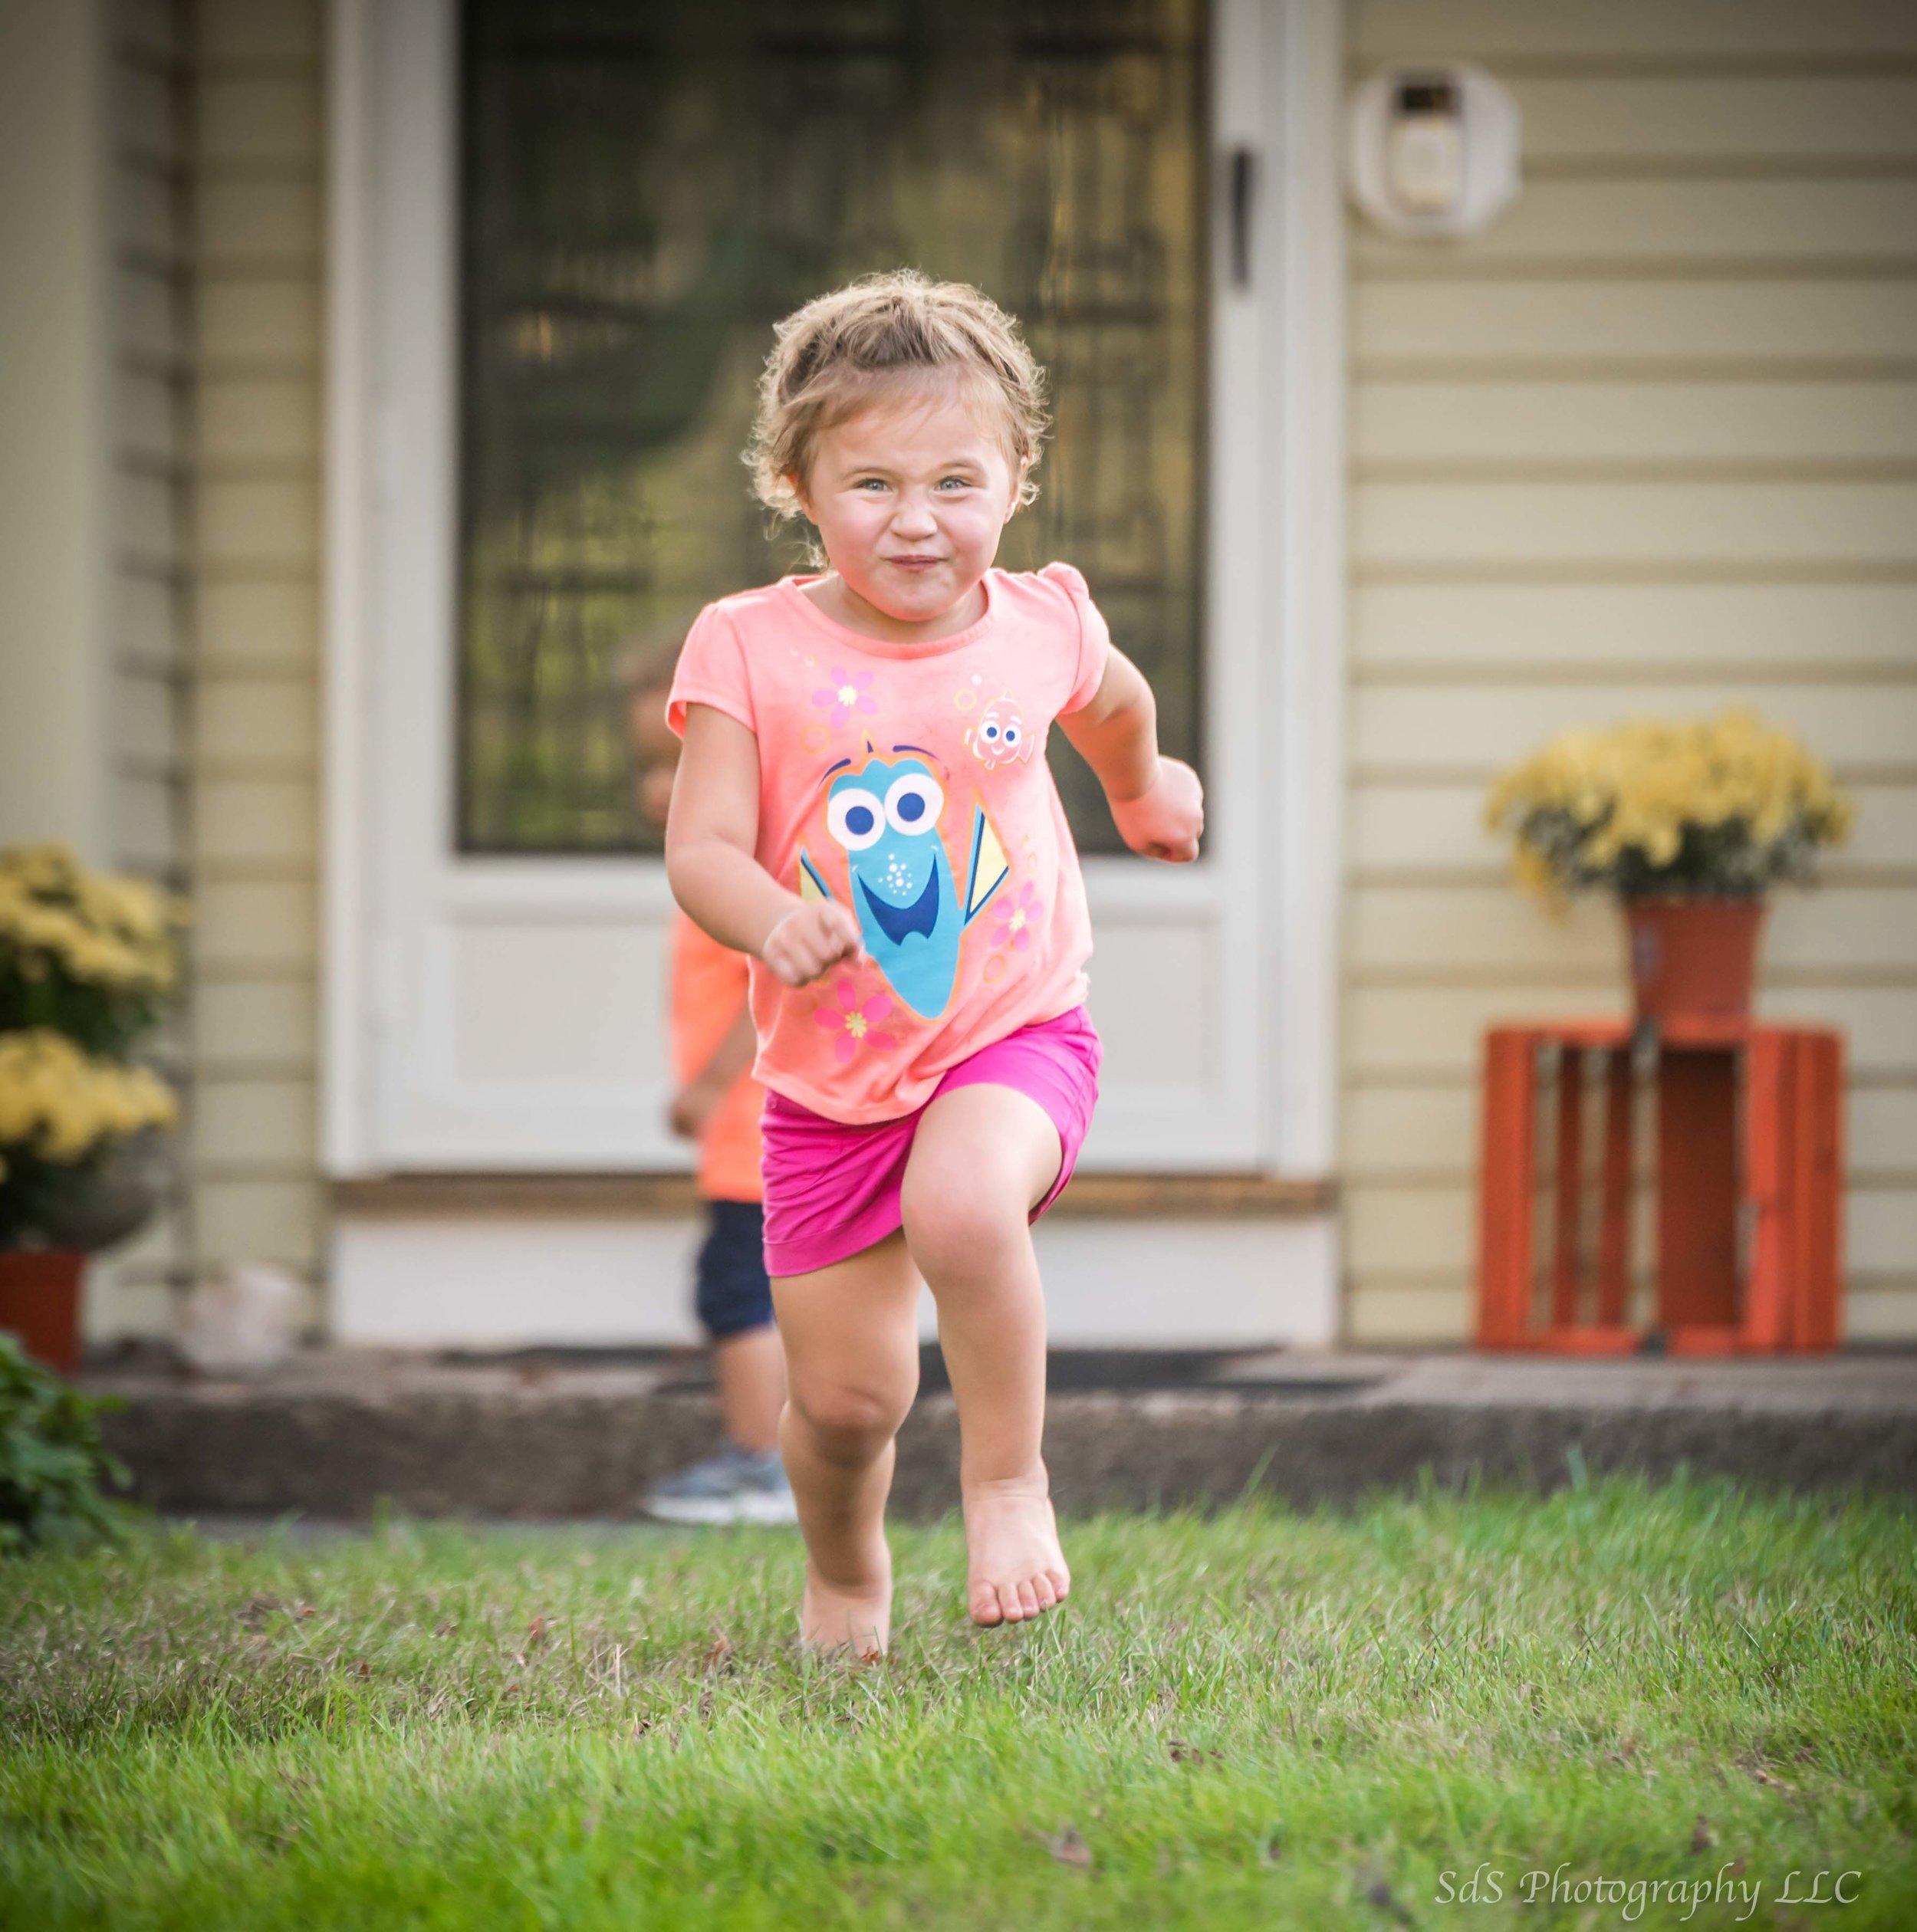 brroklyn running kid.jpg